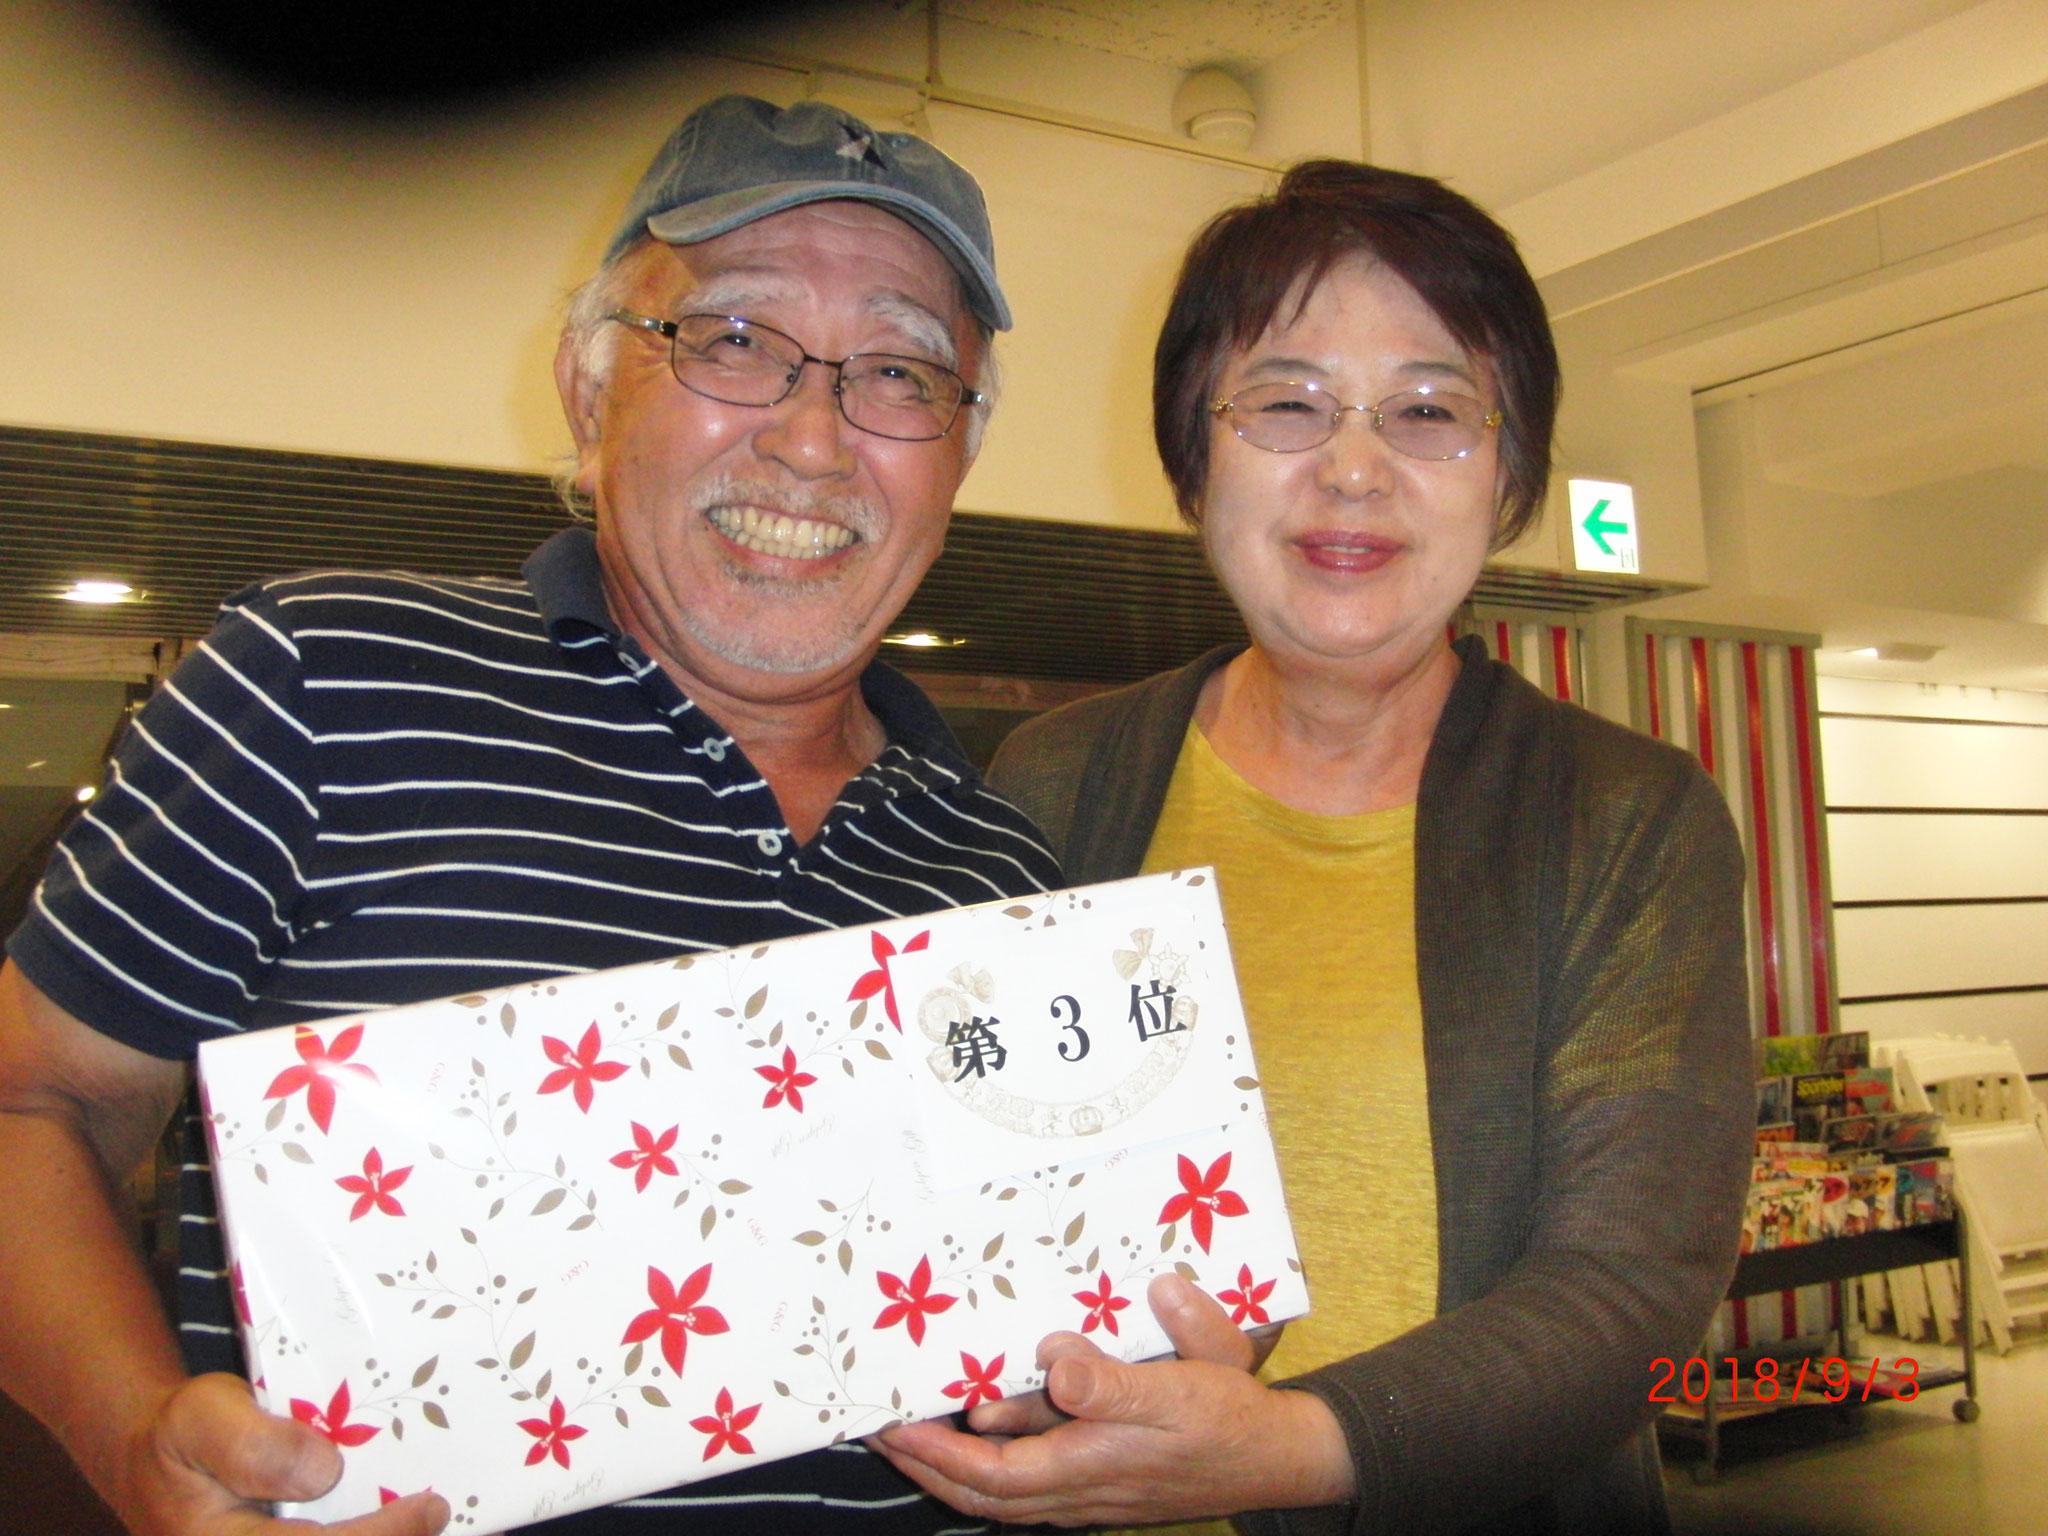 江ノ島杯の3位 : 田中征彦(カメラマン)